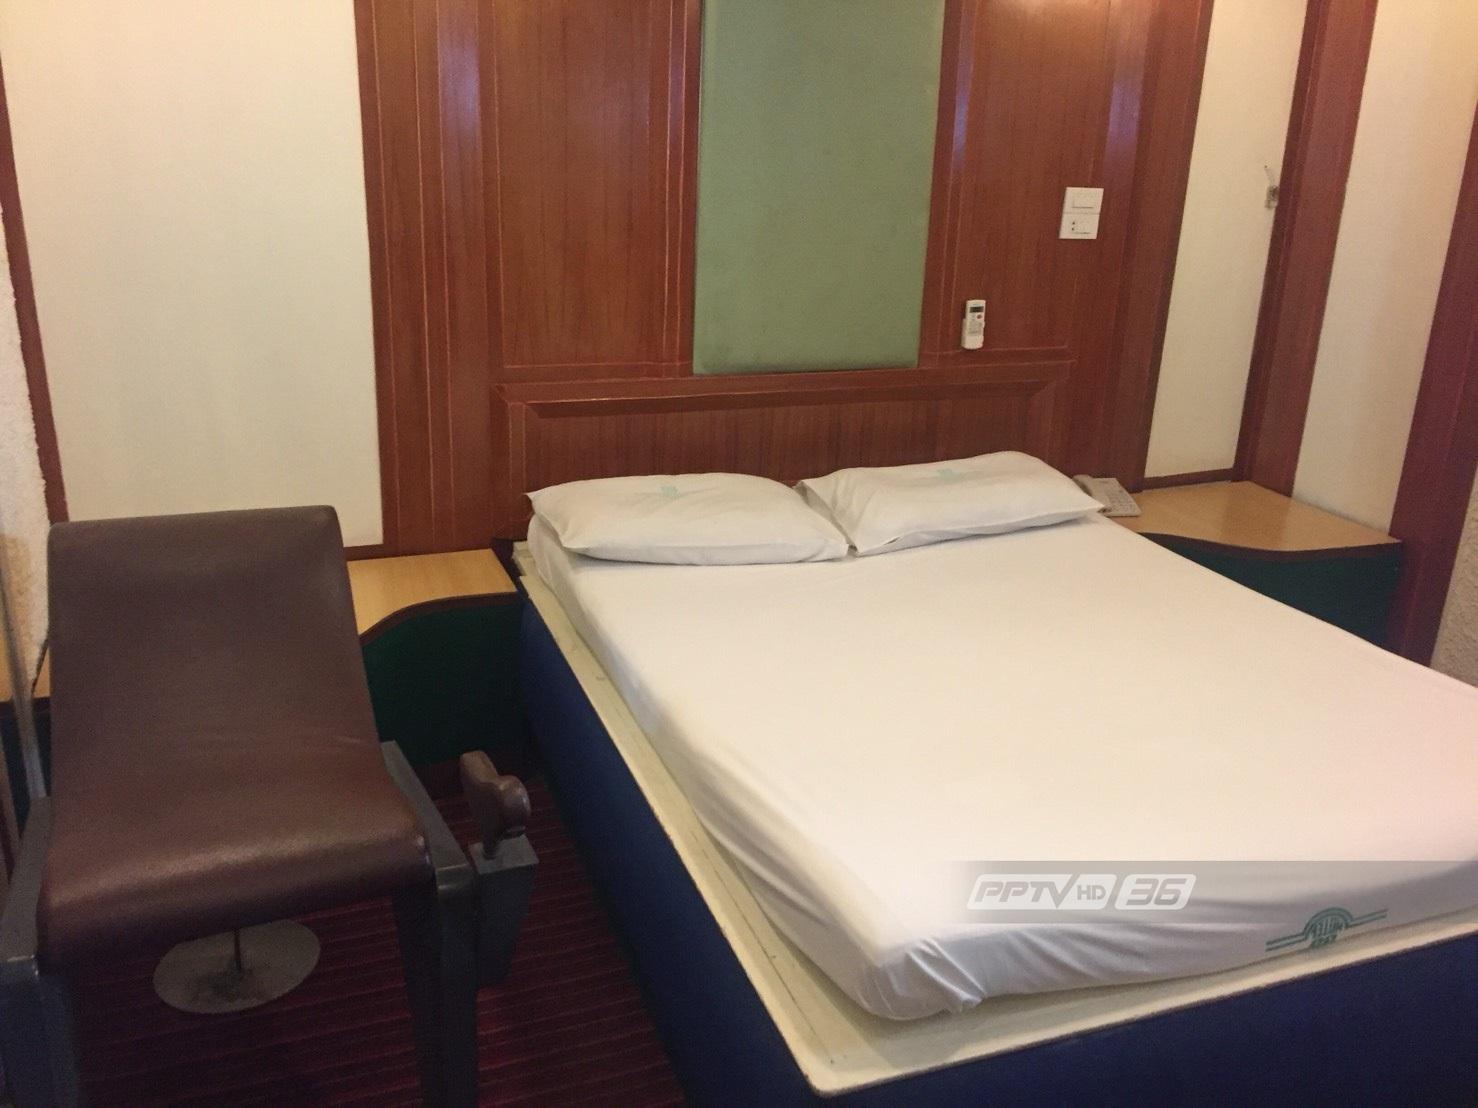 ตร.เข้มโรงแรมม่านรูด ป้องกันเด็กและเยาวชนเข้าไปใช้บริการในคืนวาเลนไทน์